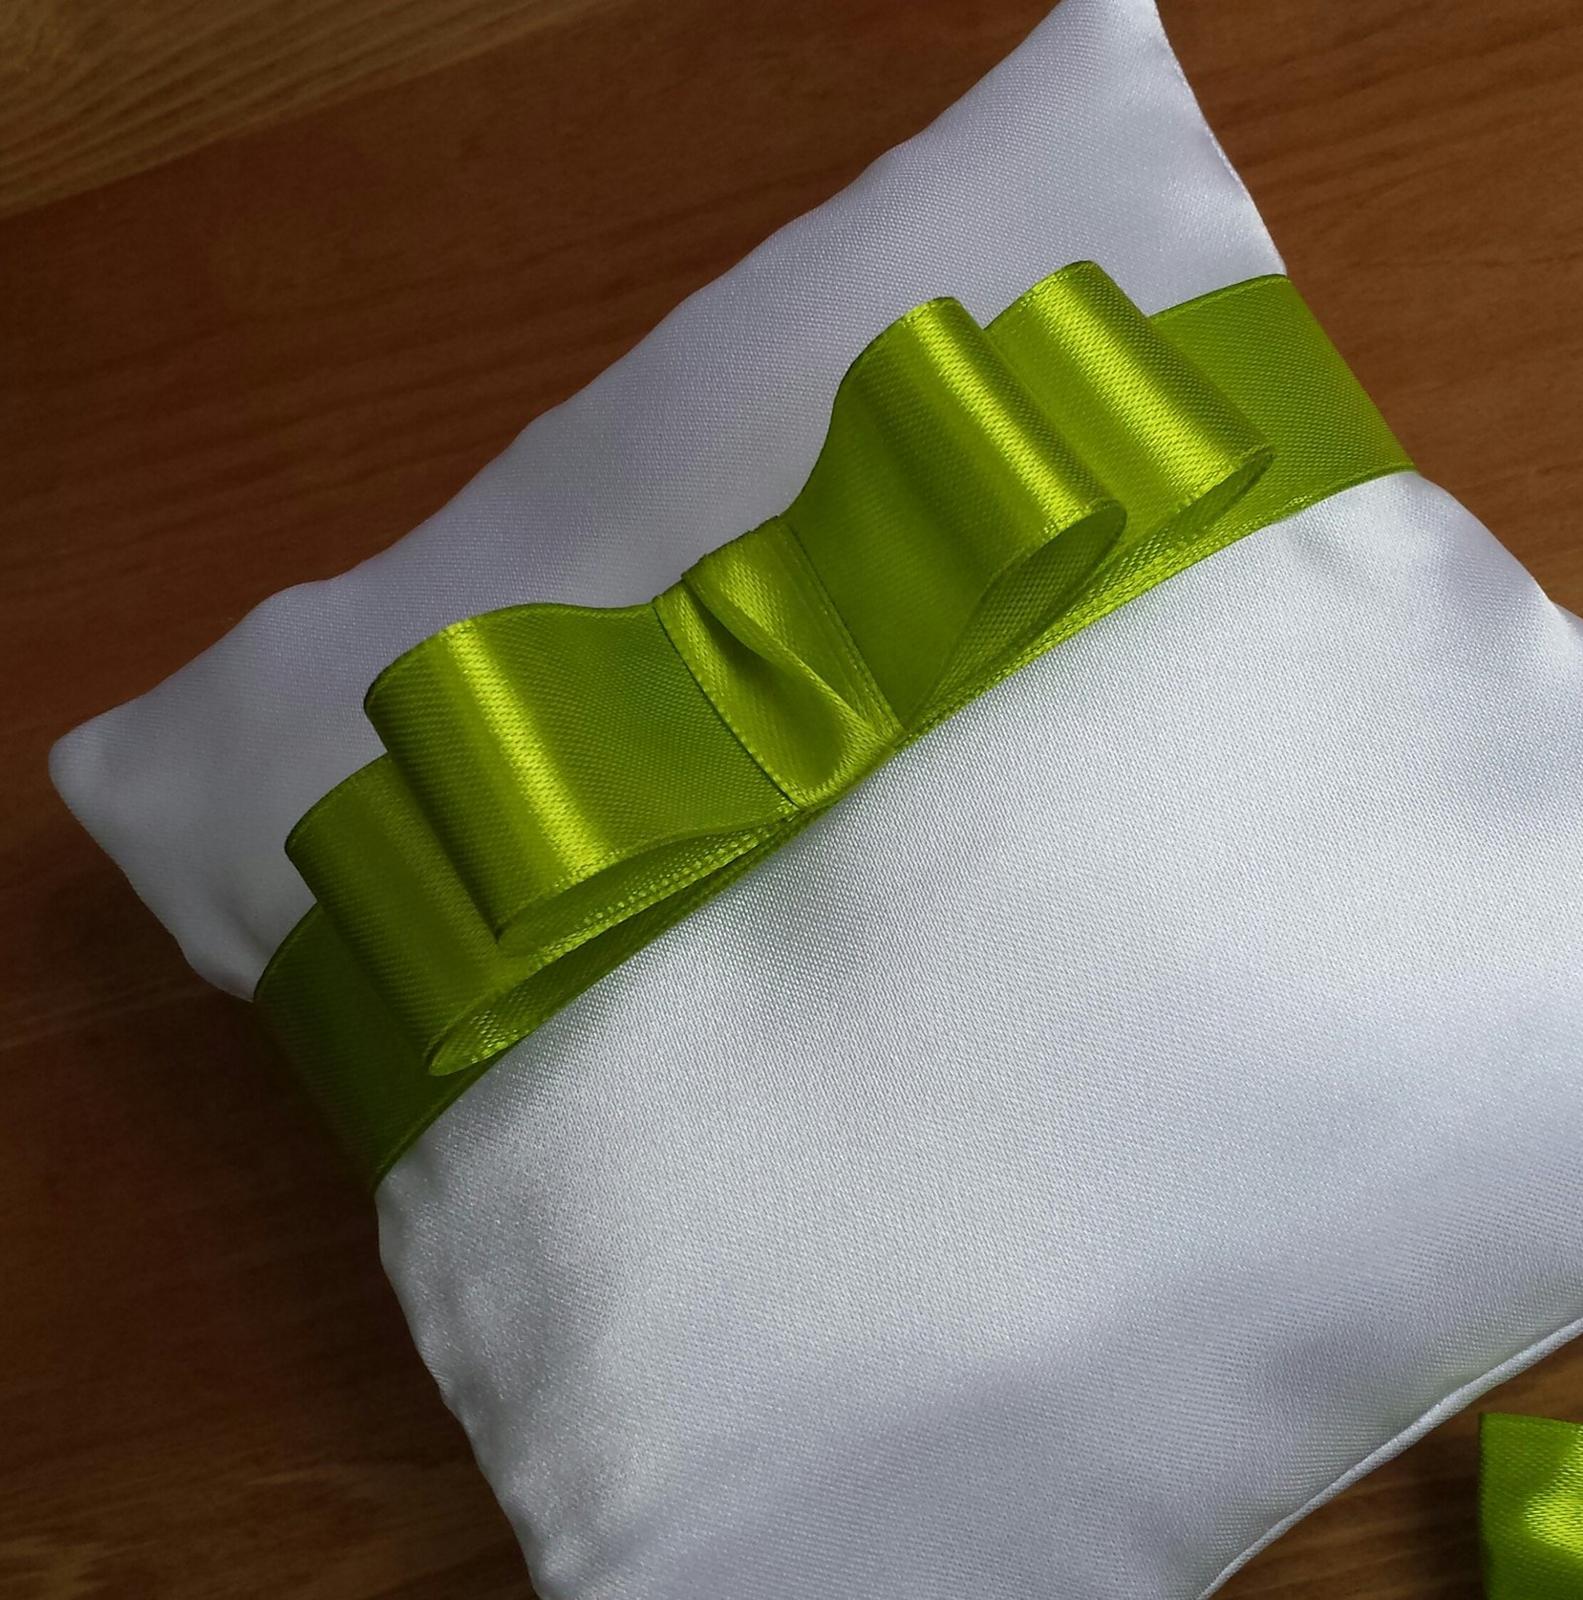 Vývazky a polštářek s mašlí - barva dle přání - Obrázek č. 4